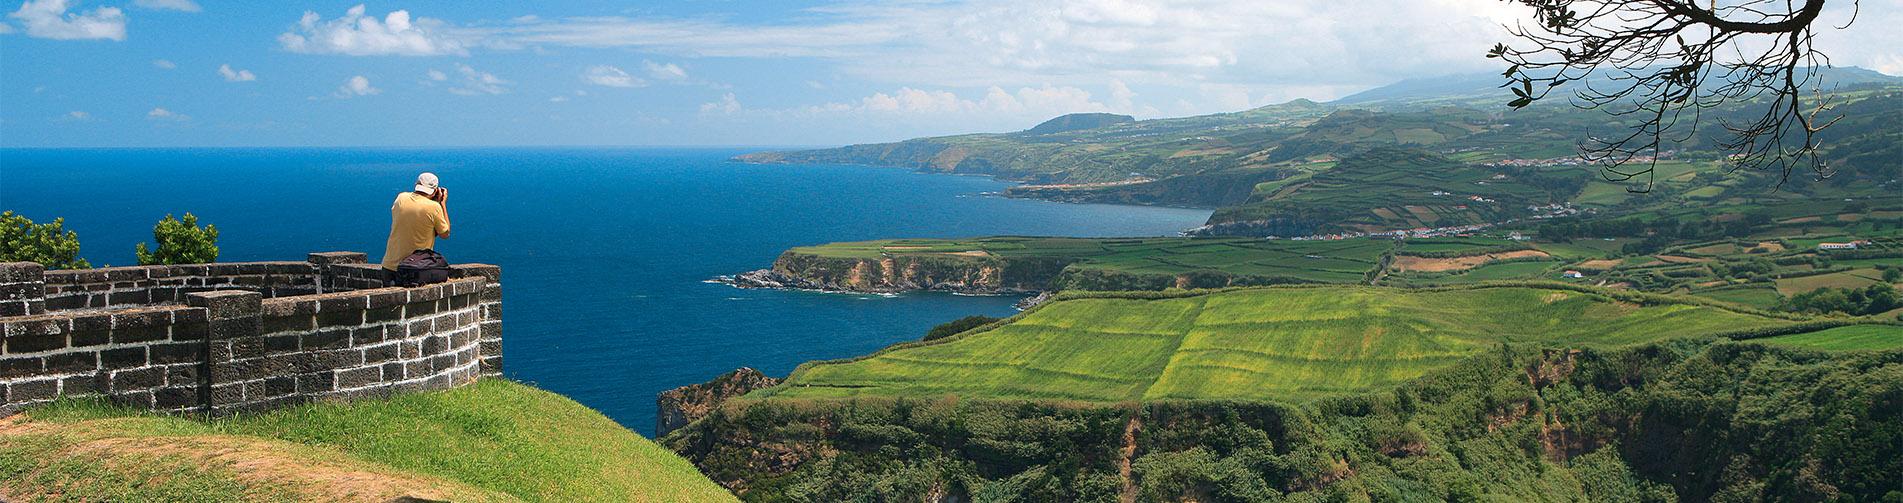 Voyage Açores. Spécialiste des Voyages aux Açores avec Secrets du Monde